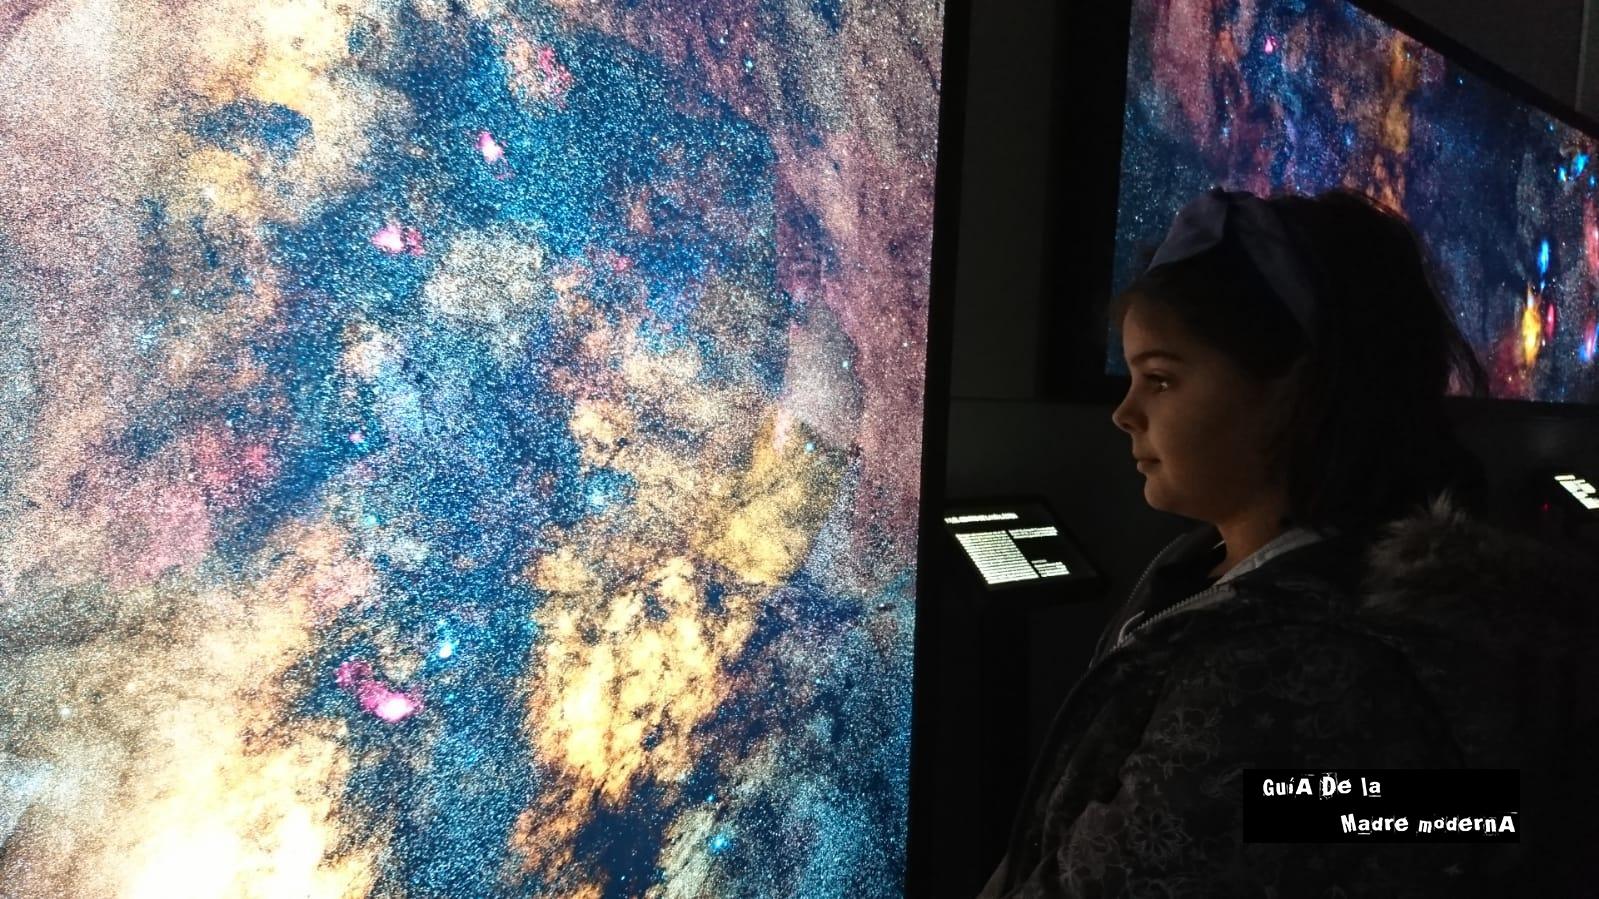 Exposición sobre el Cambio climático en el Planetario de Madrid ©J.R.Aguirre